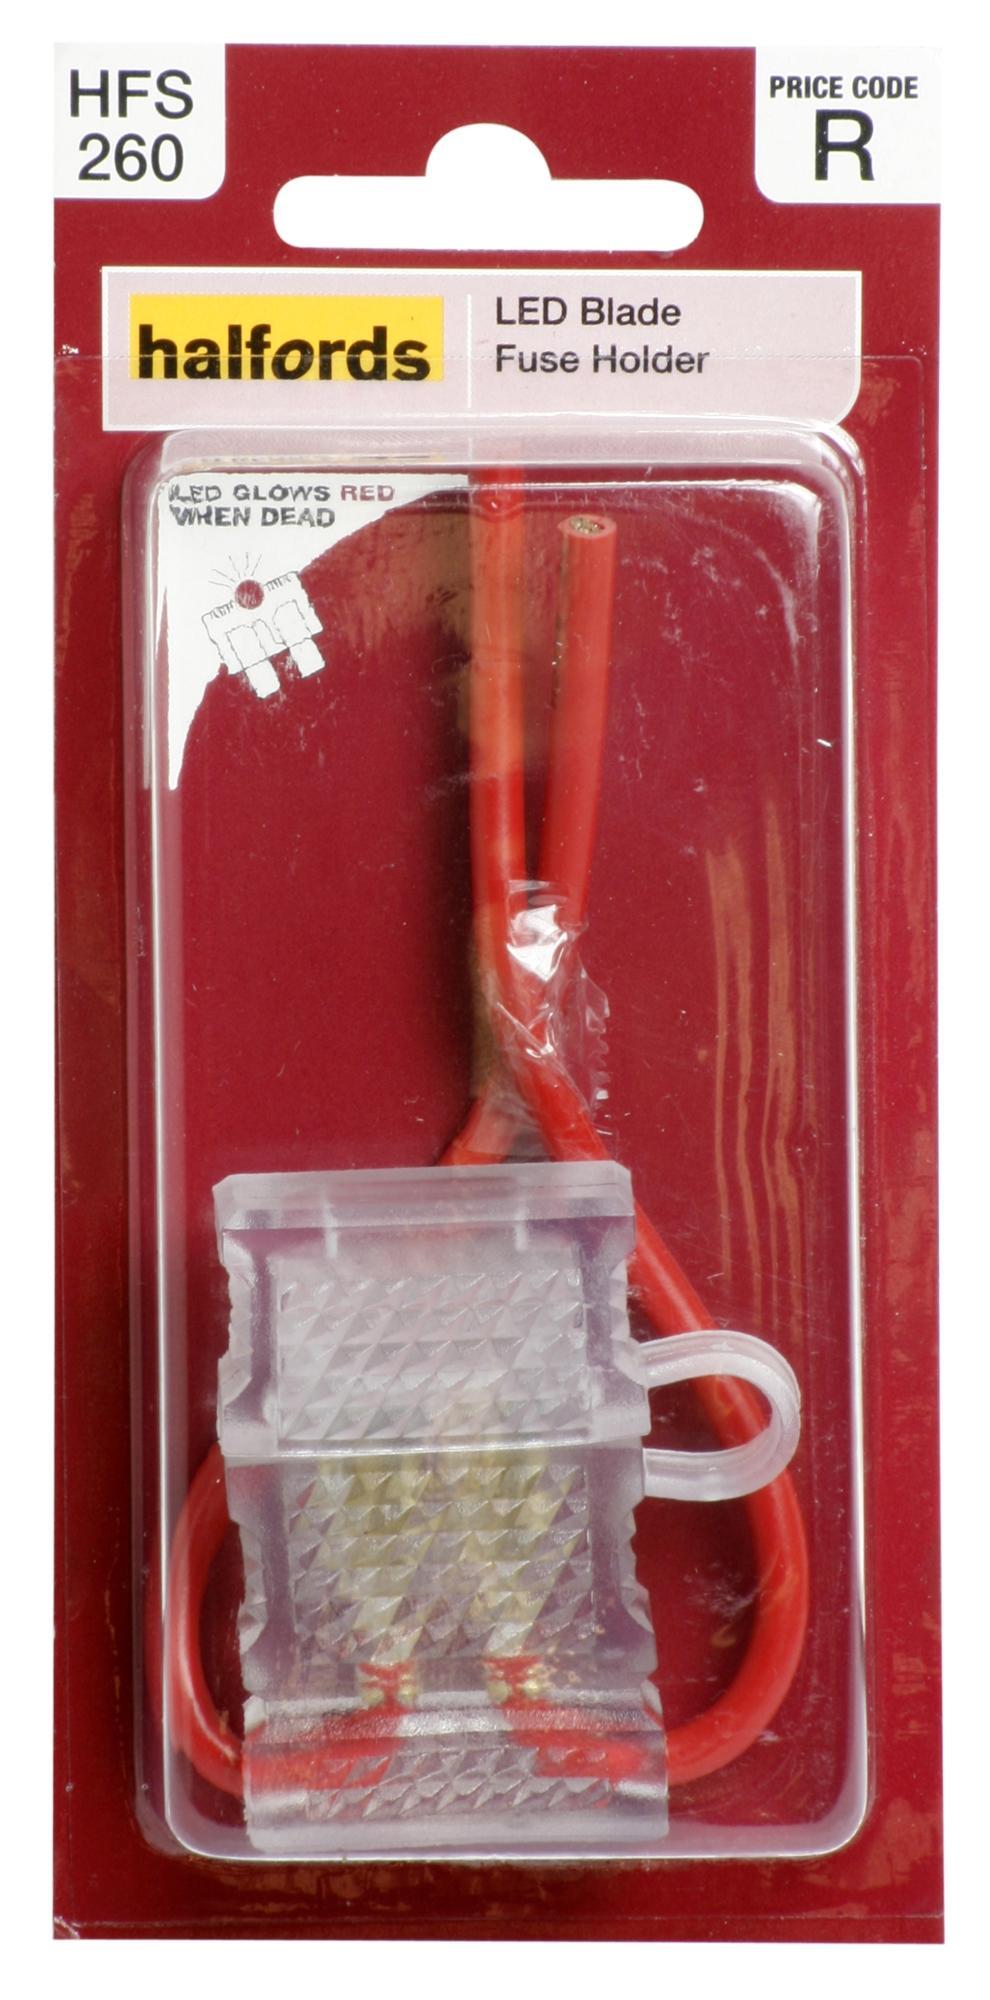 halfords led blade fuse holder crystalline shape red cable rh ebay co uk